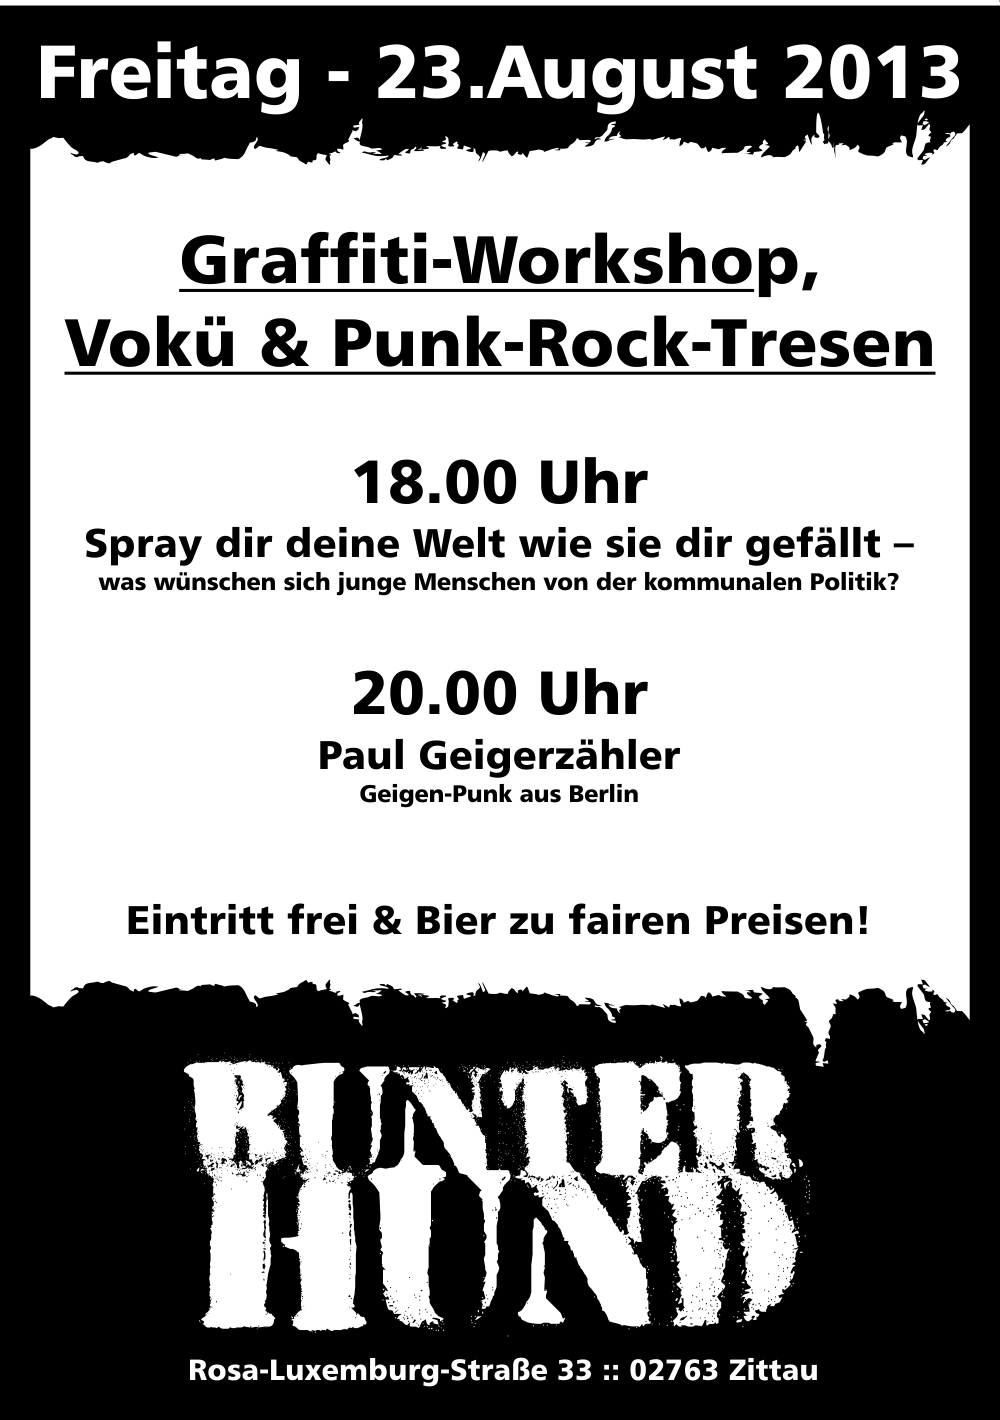 23. 8. 20:00 geigerzaehler-konzert im bunten hund in Zittau